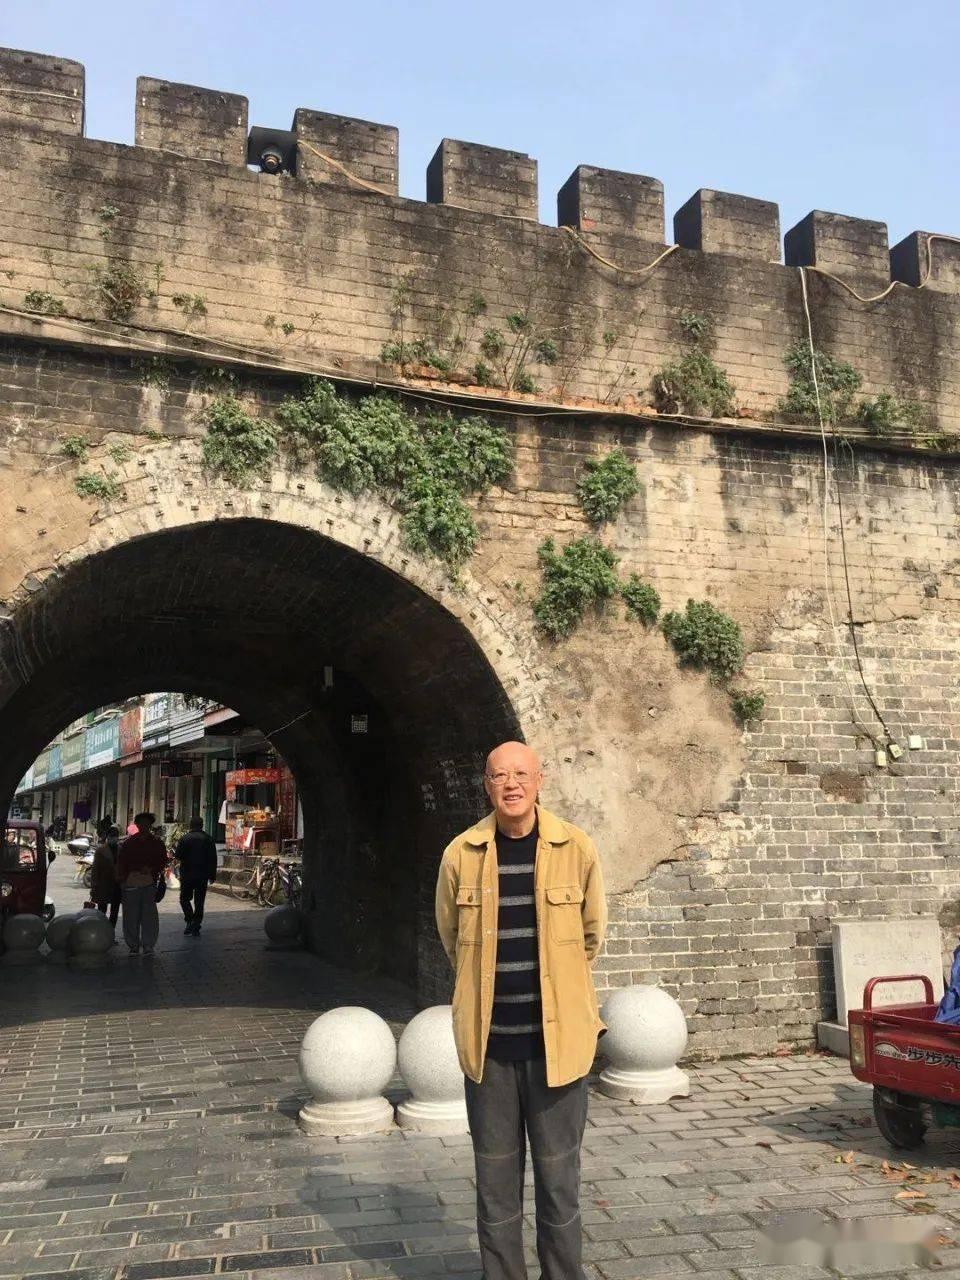 樱花动漫:三月,去嫘祖镇采风,旧情新爱纷至沓来 网络快讯 第1张